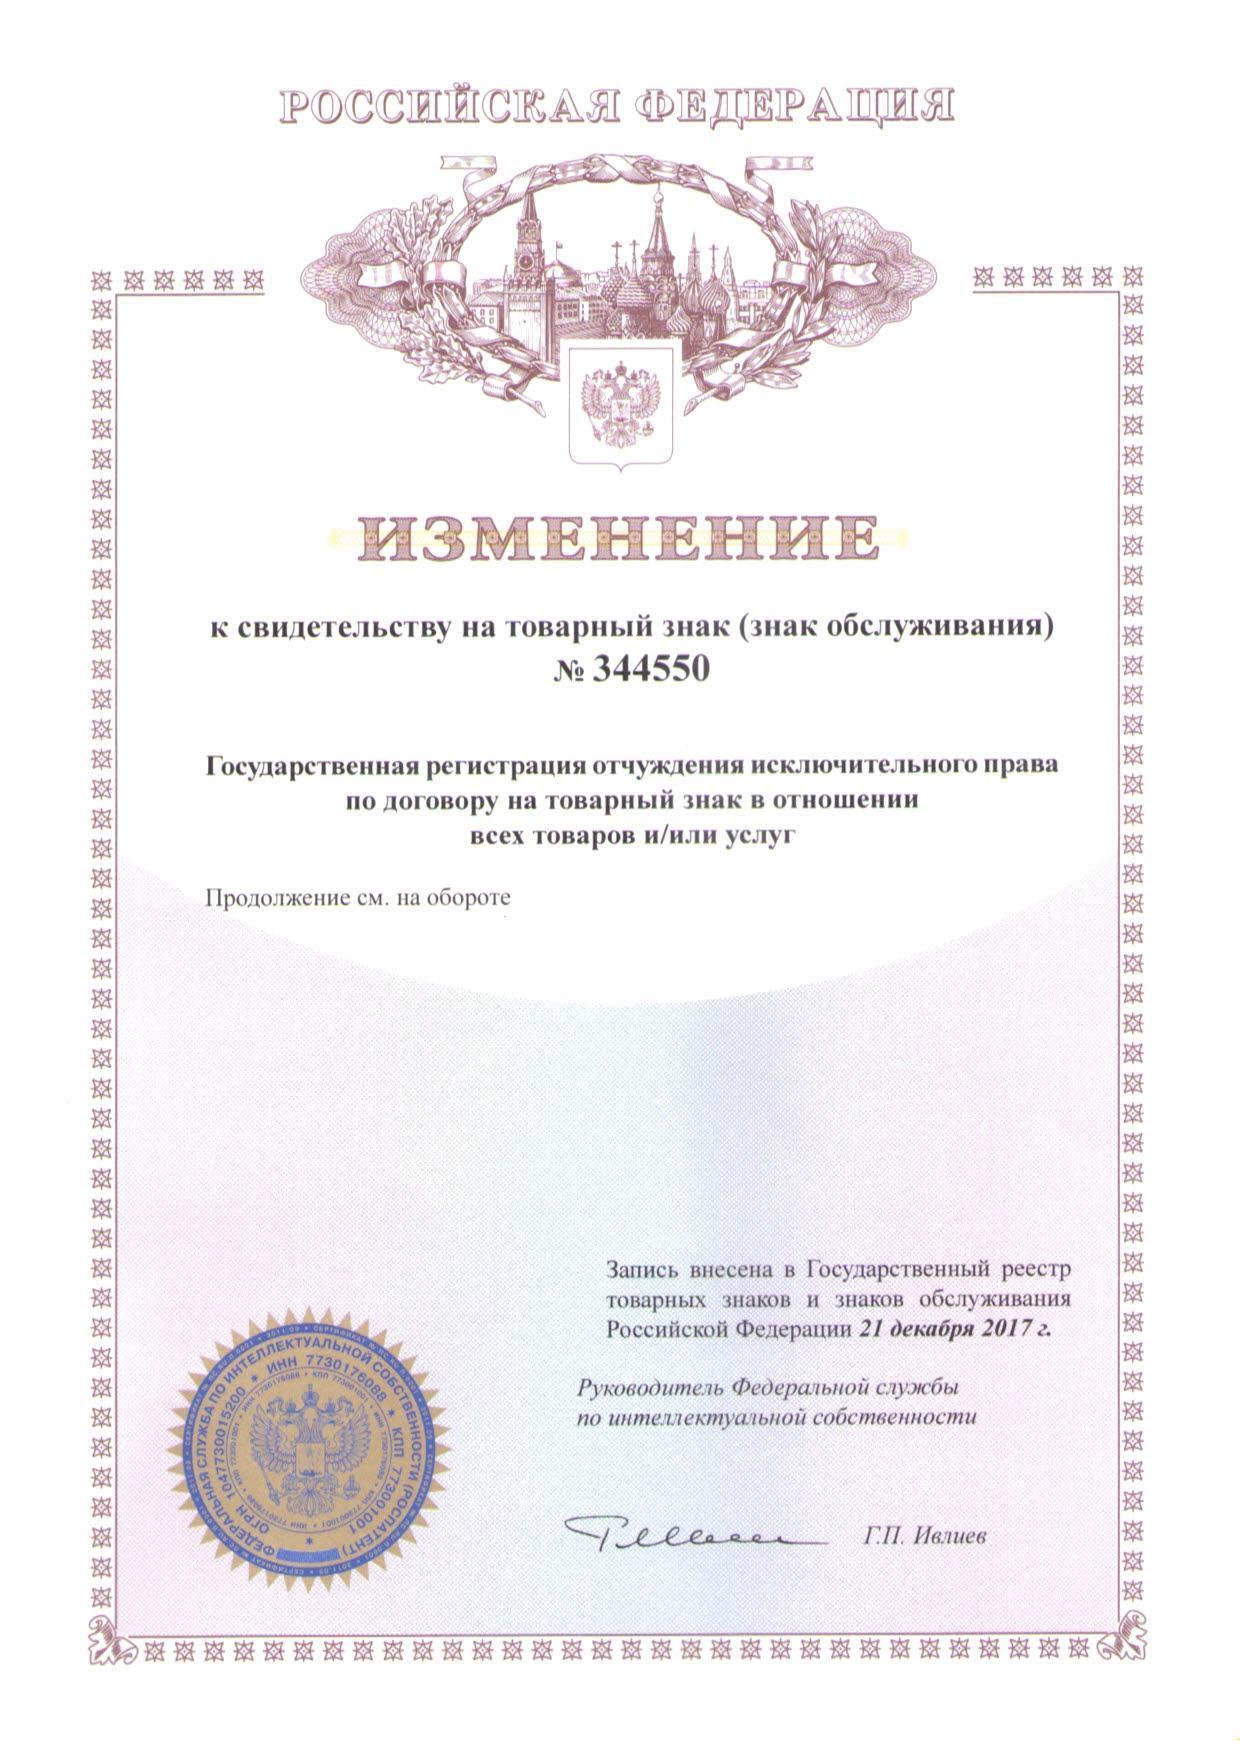 Регистрация договора об отчуждении исключительного права